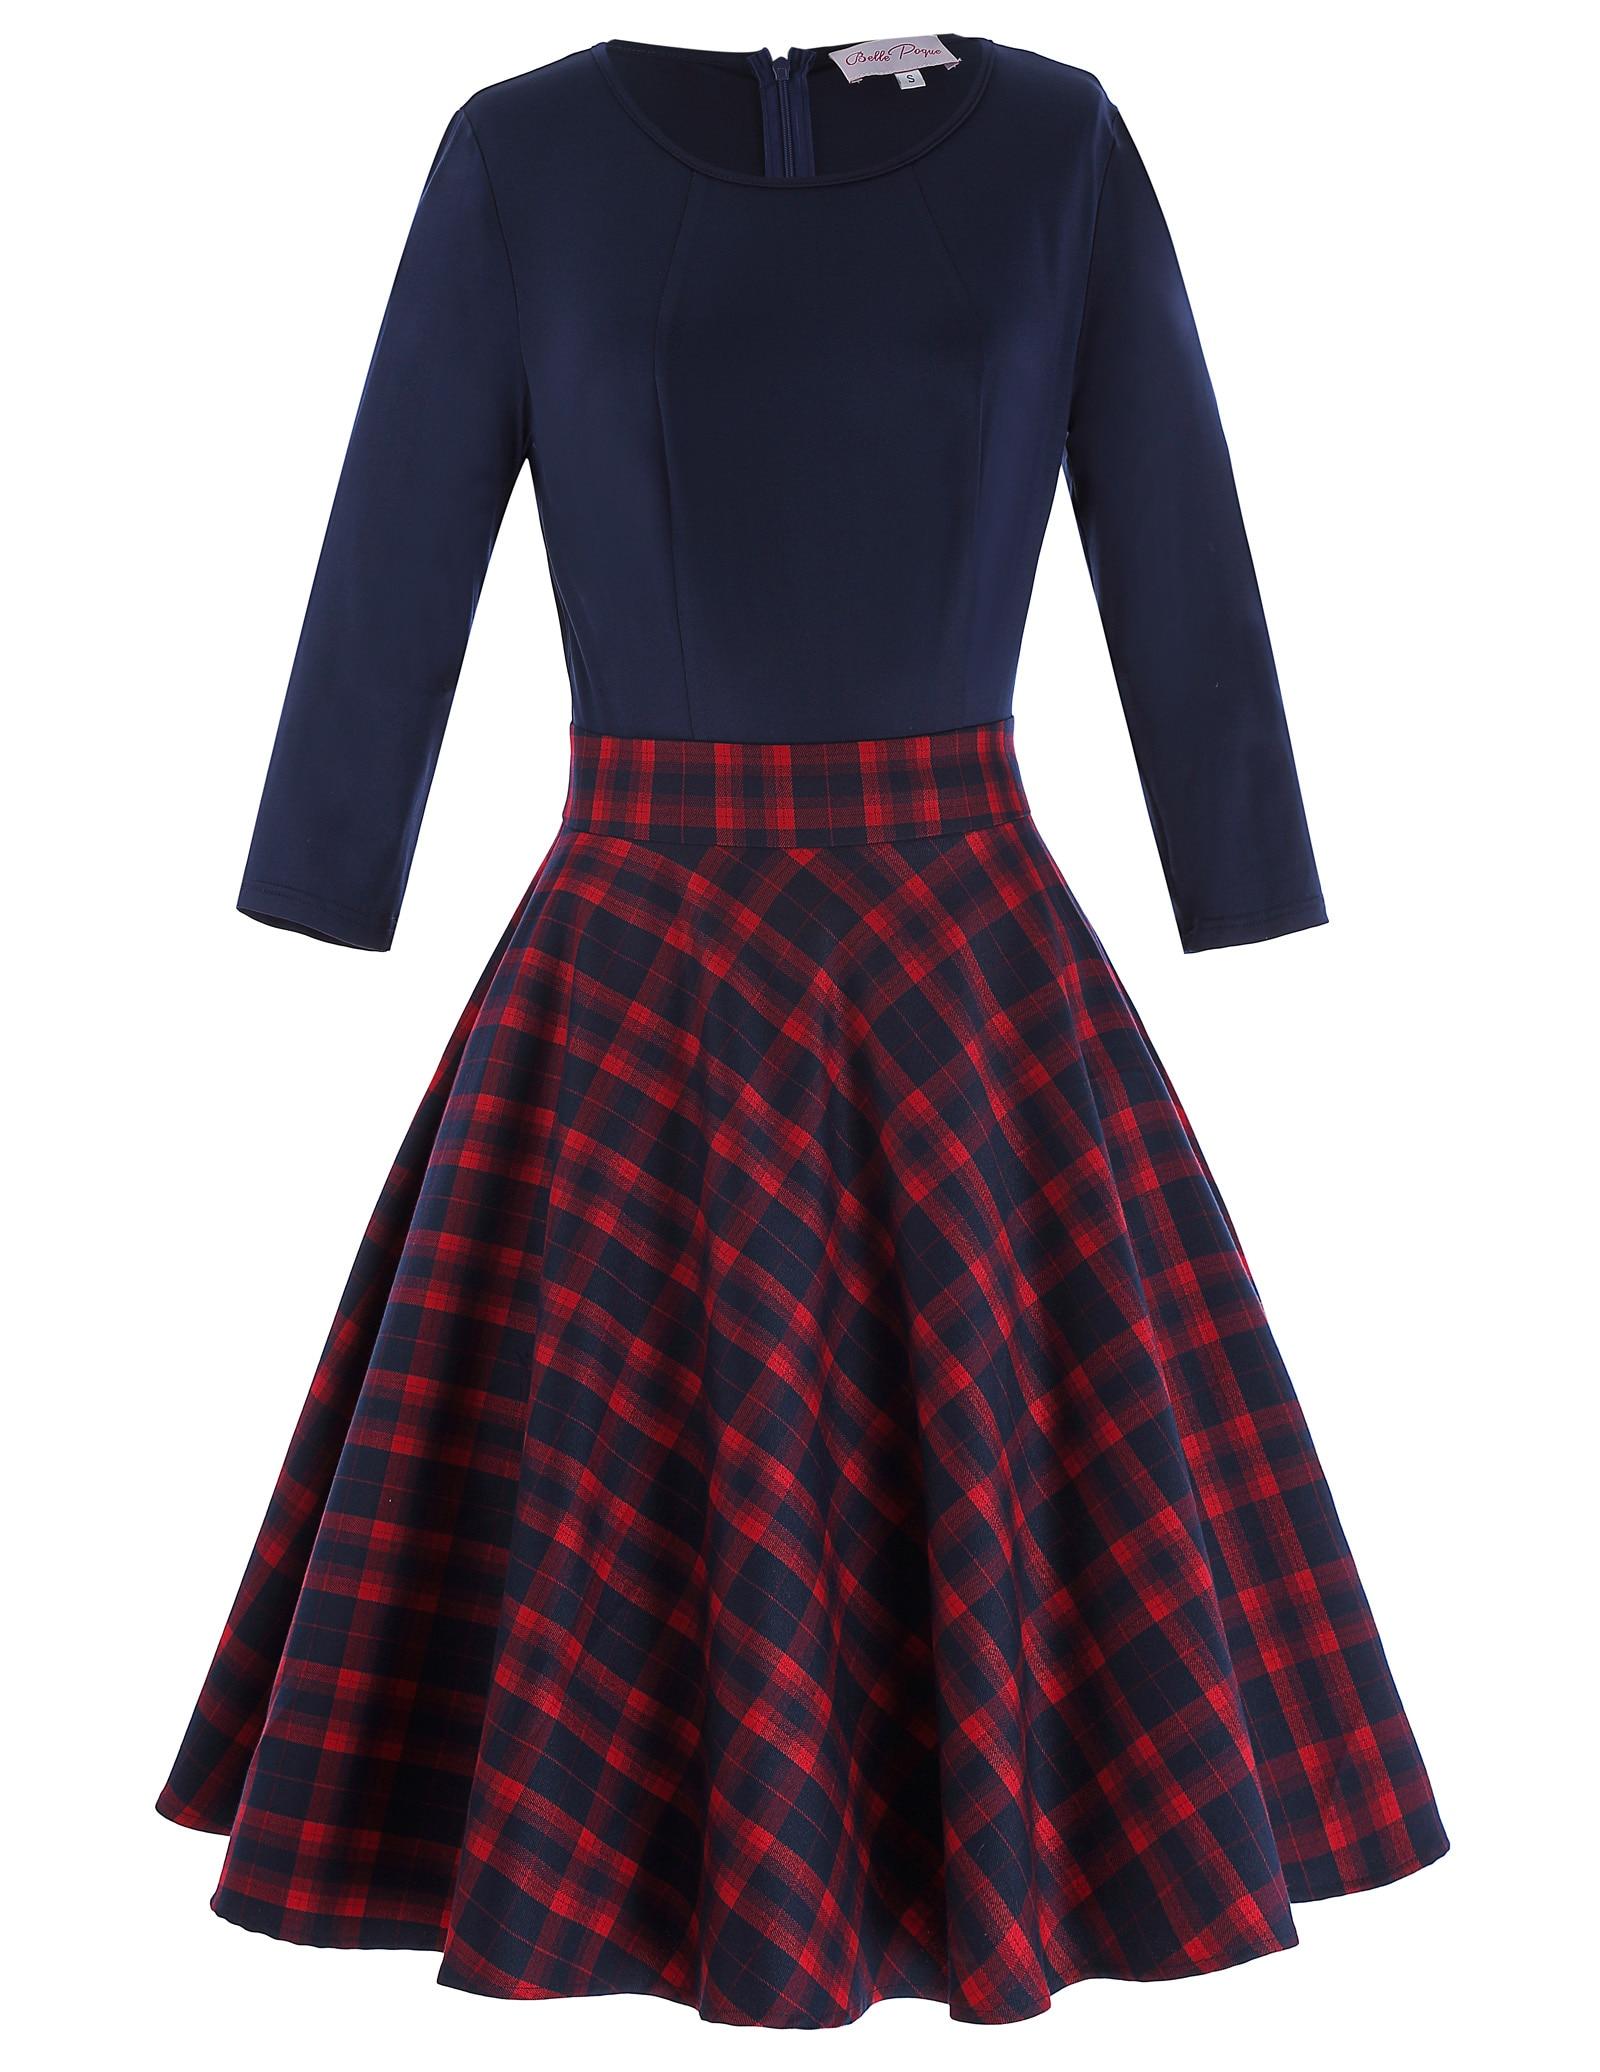 New Women/'s Ladies Long Sleeve Jersey Tartan Swing Skater Dress Top Size 8-28